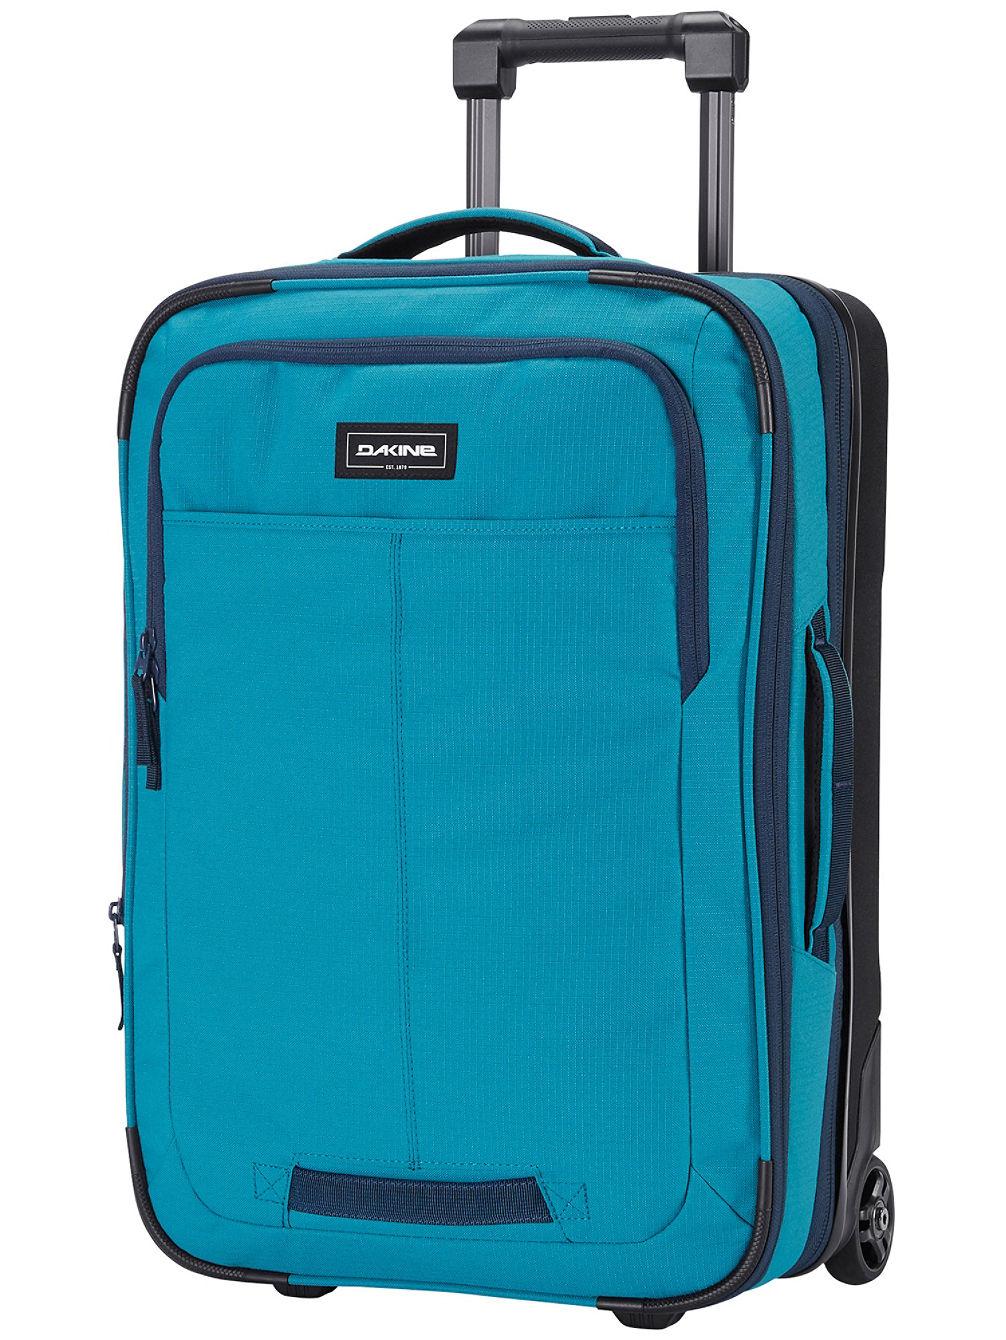 154a07f803c95 Dakine Status Roller 42L+ Reisetasche online kaufen bei Blue Tomato